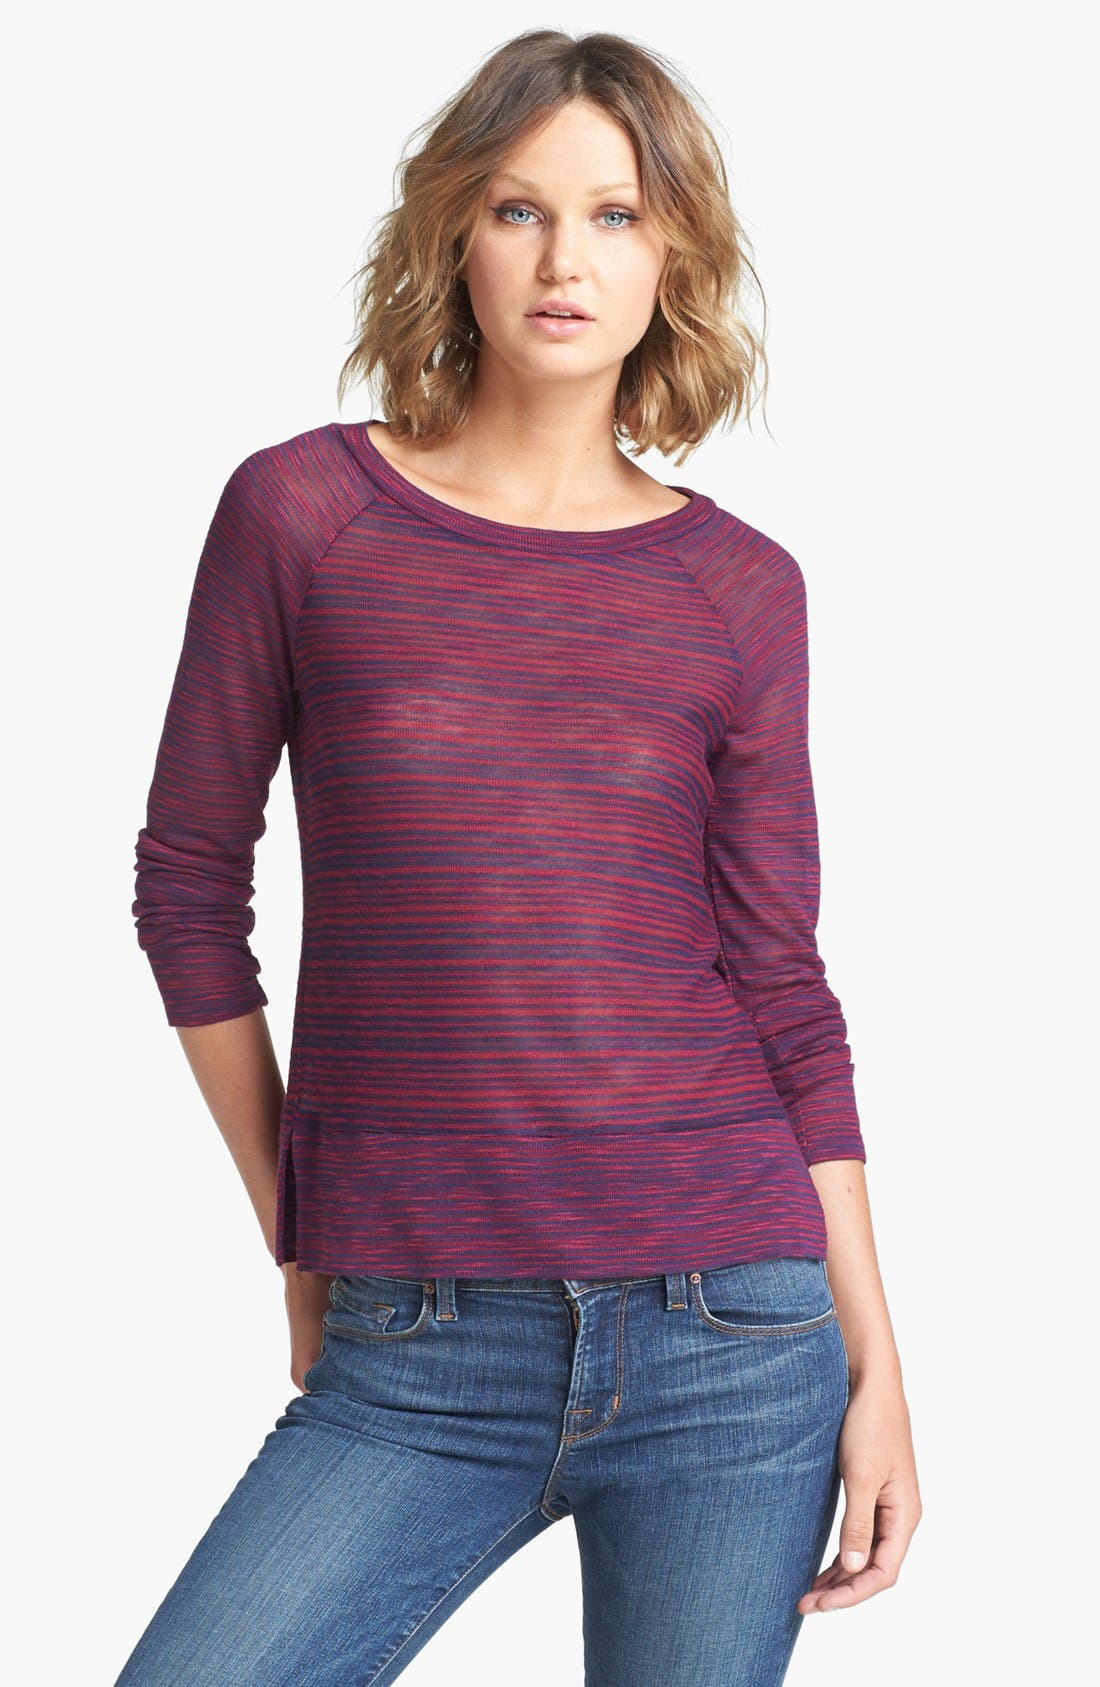 Alternate Image 1 Selected - Splendid 'West Village' Knit Pullover